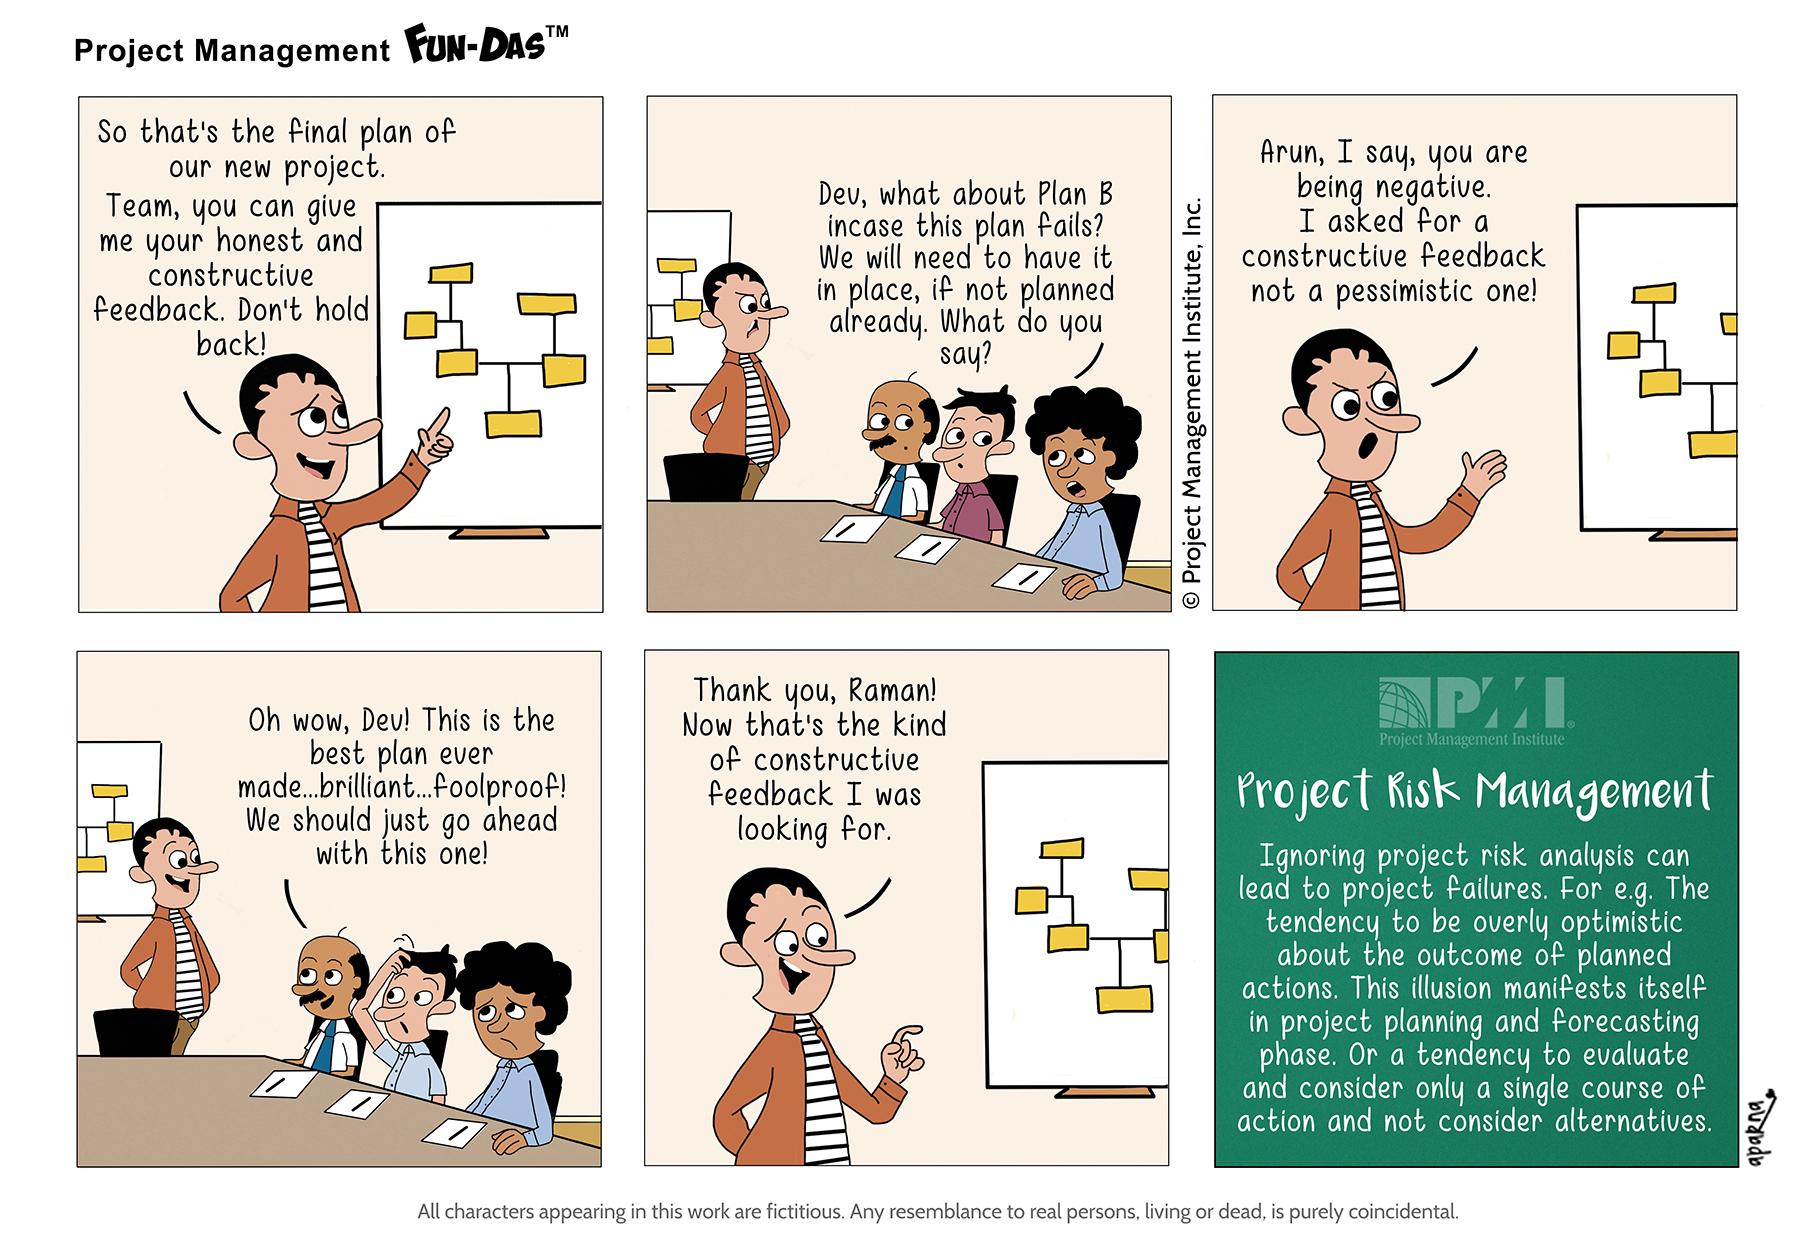 Project Management Fundas